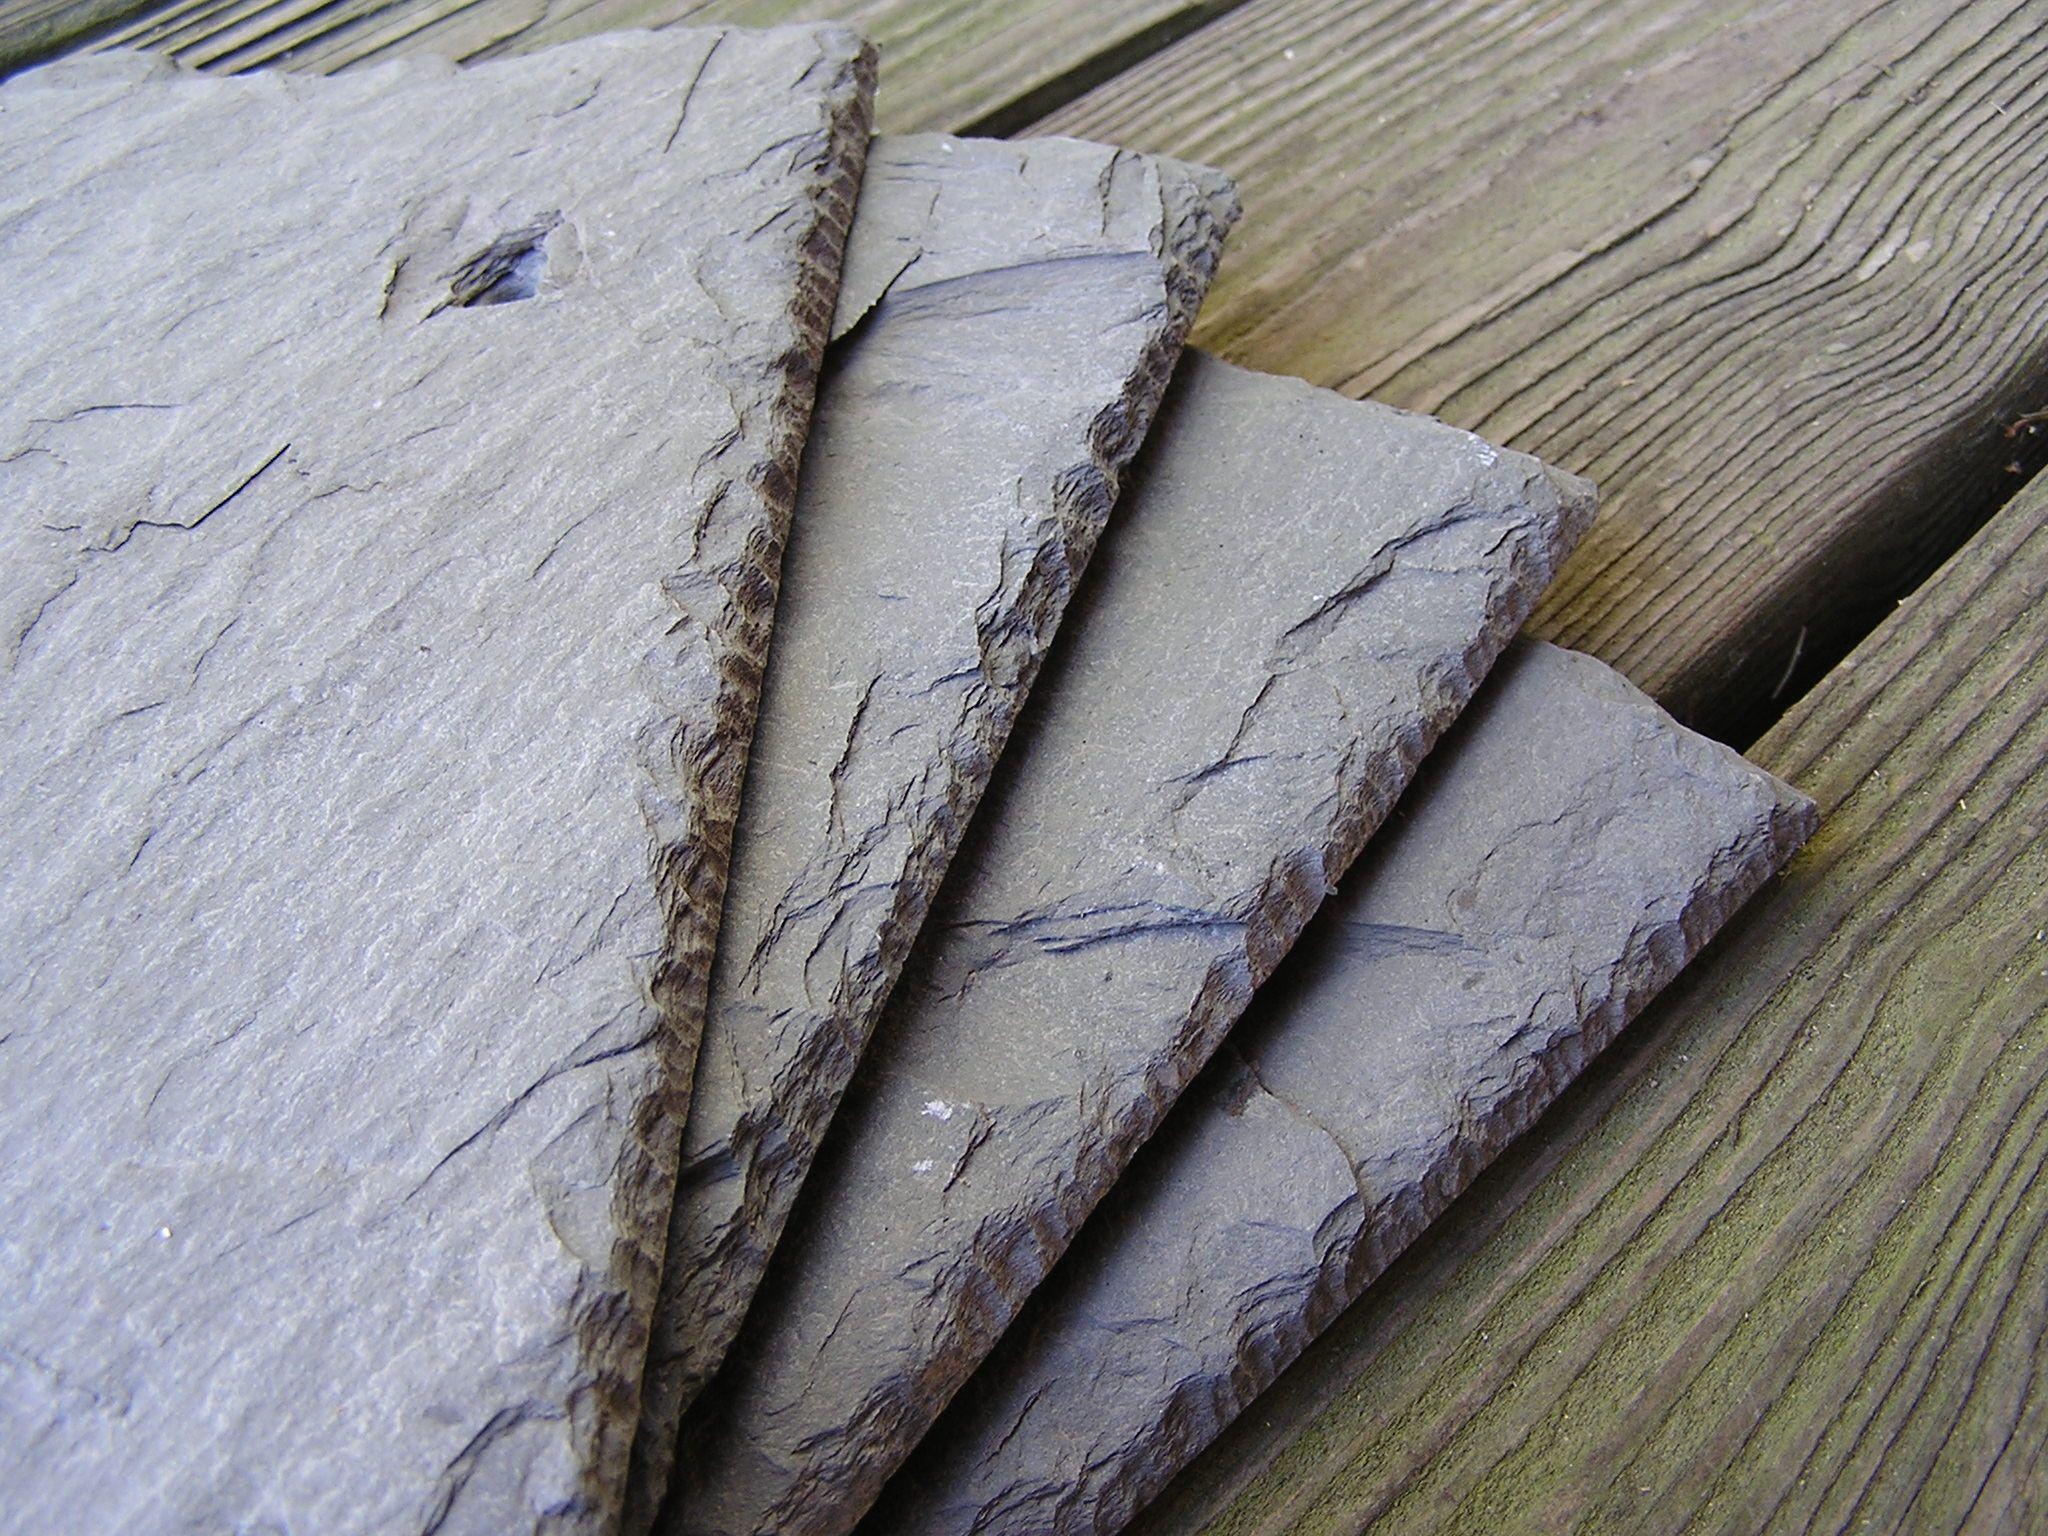 Four Pack Lot Package Of 4 Slate Tiles Shingles For Etsy In 2020 Slate Tile Slate Tiles